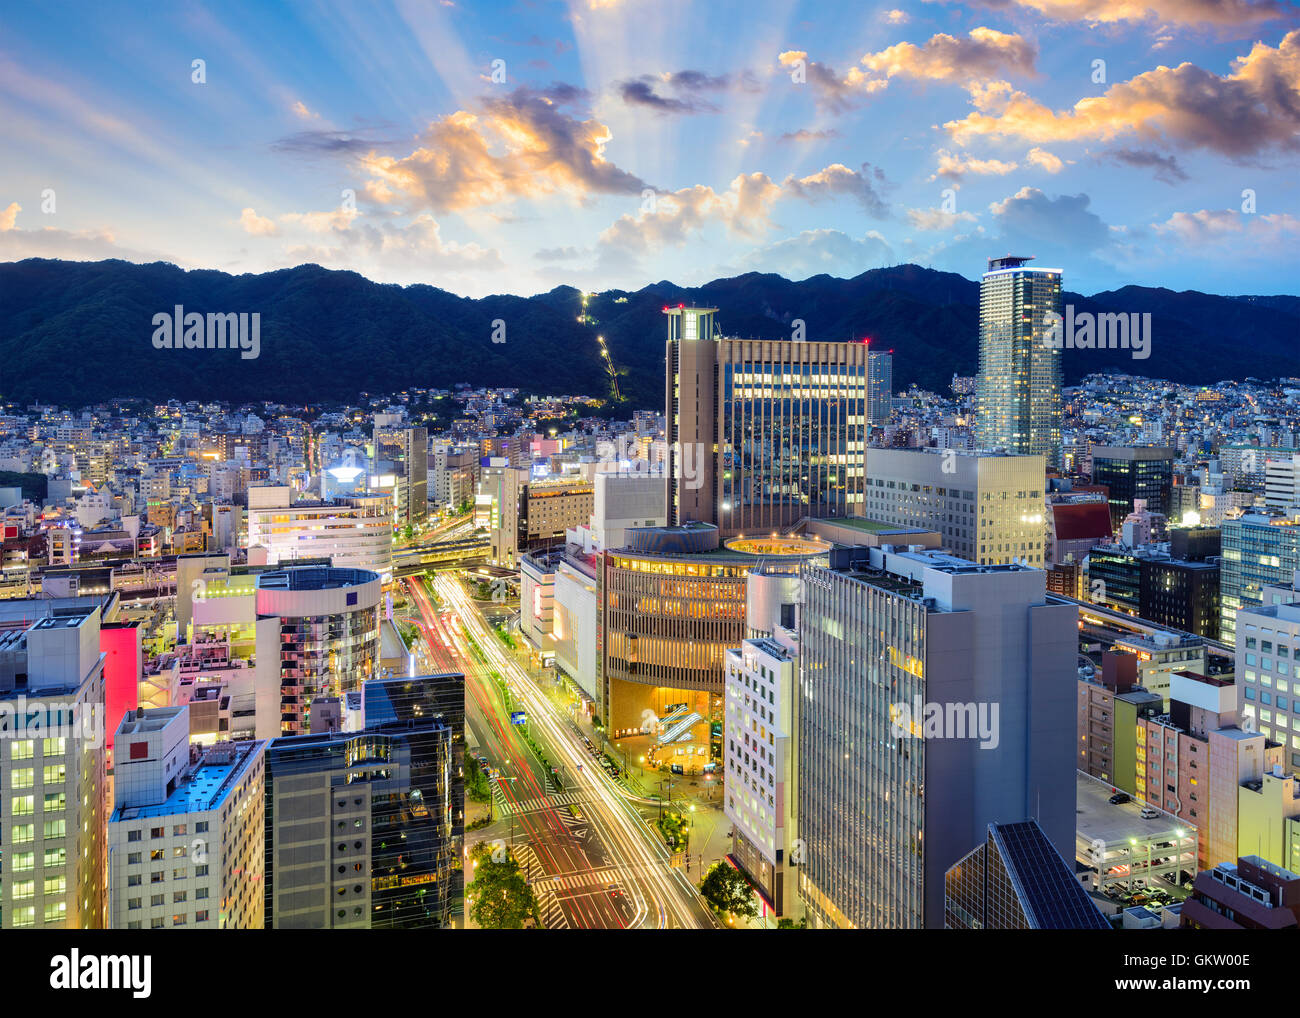 Kobe, Giappone skyline del centro nel quartiere di Sannomiya contro lo sfondo delle montagne Rokko. Immagini Stock